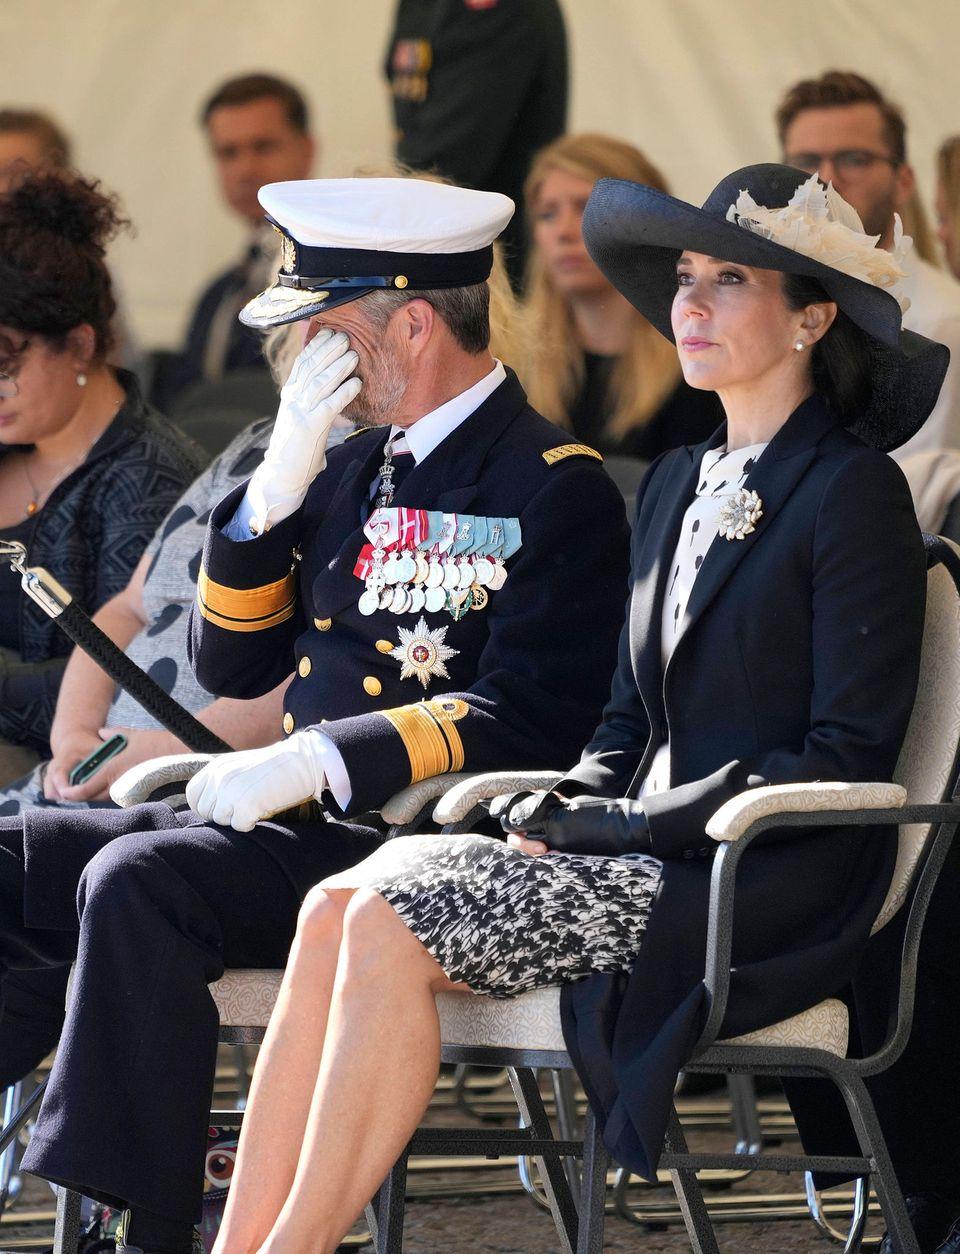 RTK: Prinz Frederik am Flaggentag in Kopenhagen den Tränen nah